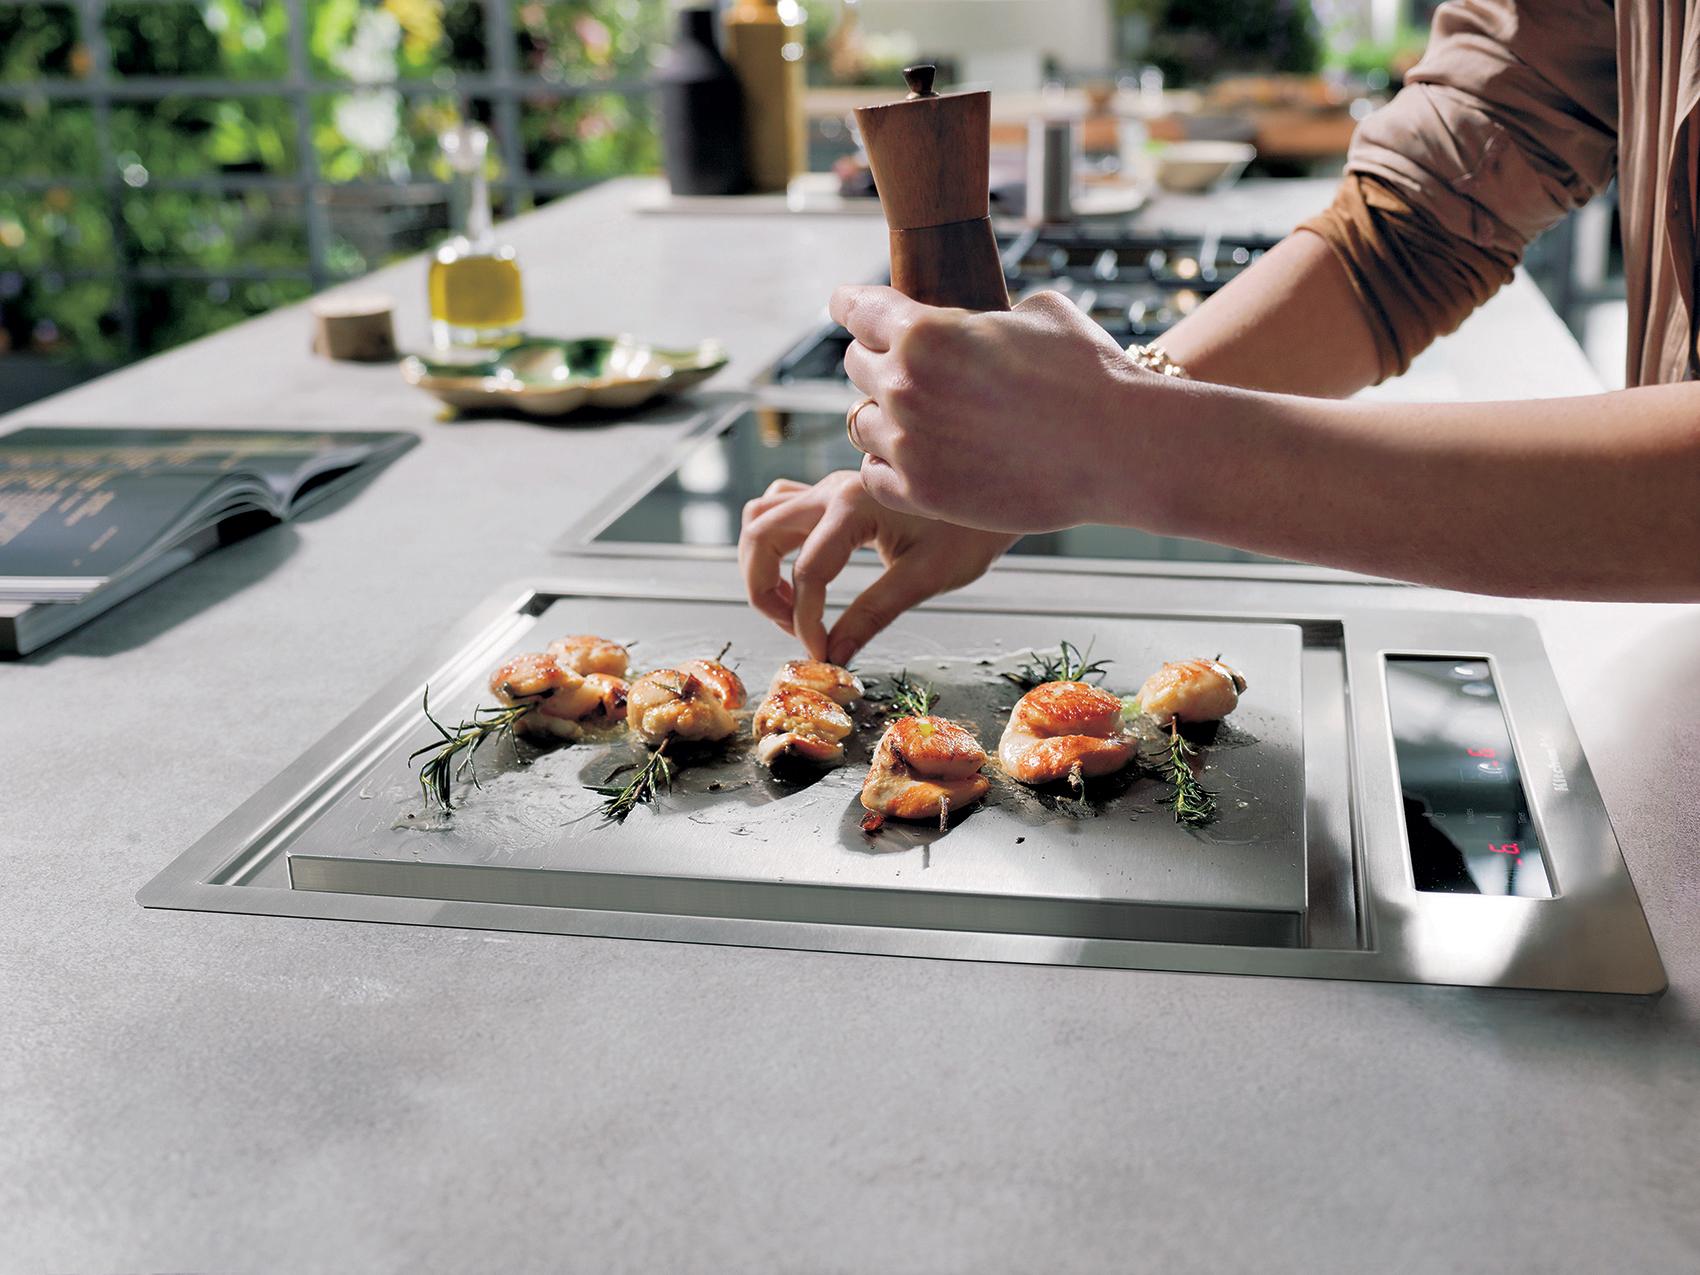 Préparez de succulents plats avec le Teppan Yaki de KITCHENAID